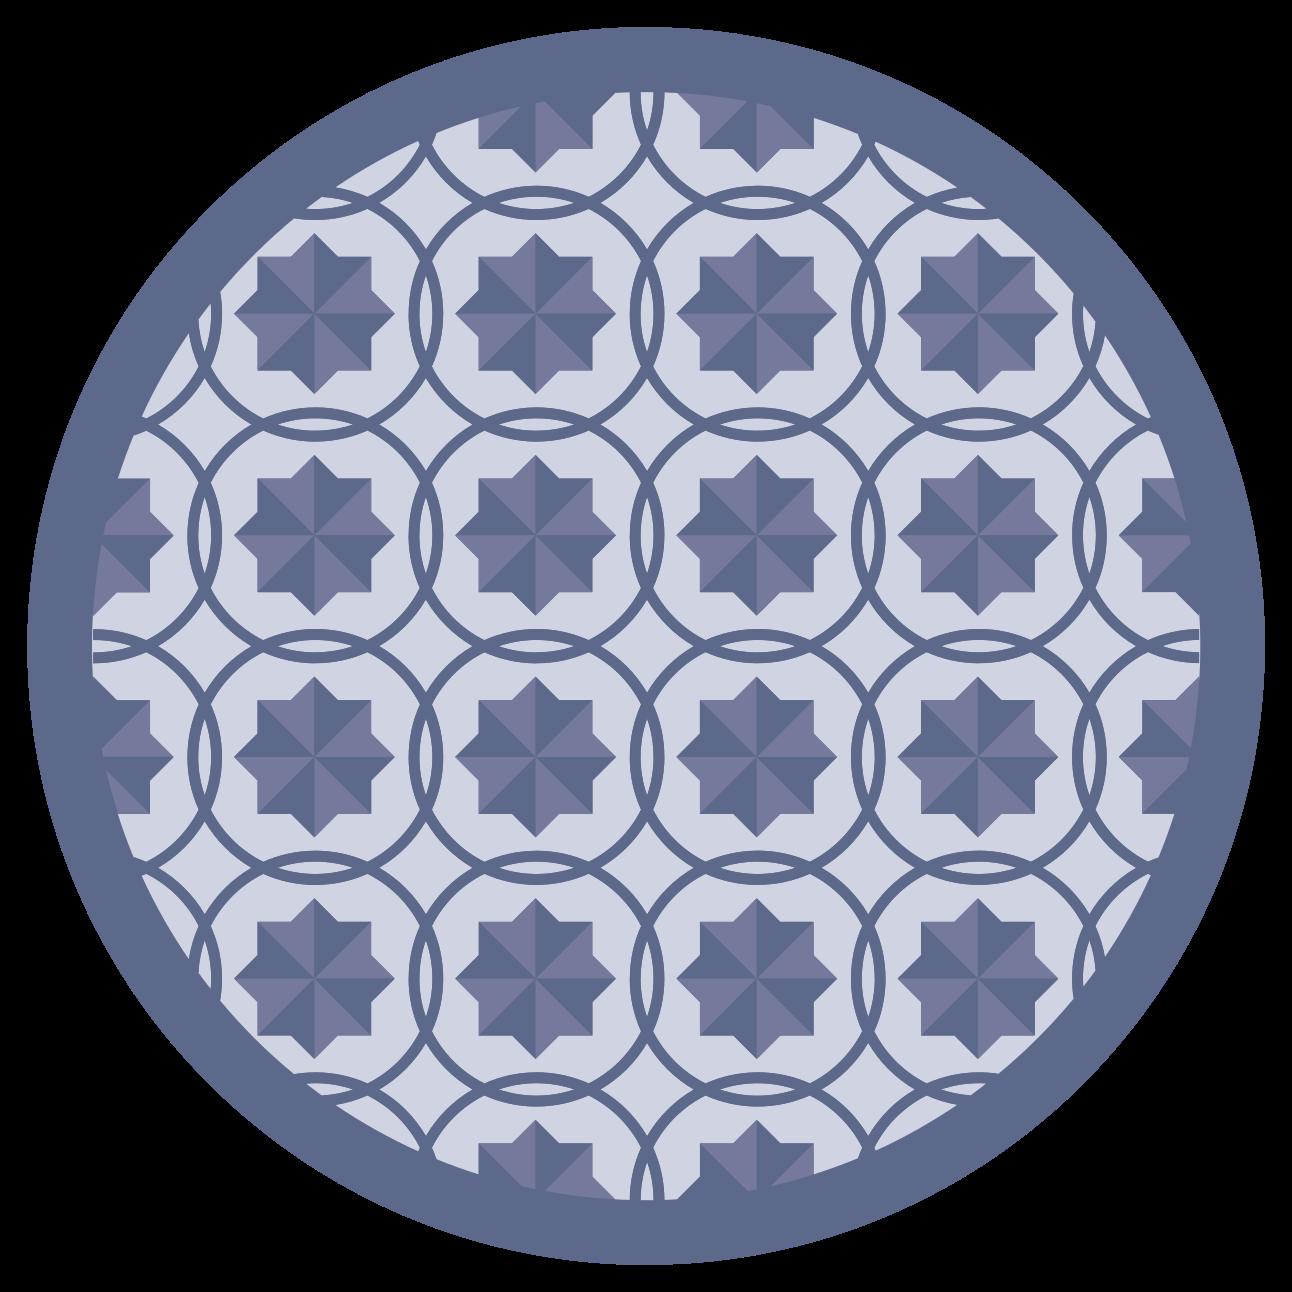 TenStickers. Dywan nowoczesny w okrągłe płytki. Ten wspaniały dywan do salonu to zdecydowane rozwiązanie, które w niesamowity sposób poprawi estetykę całego domu.